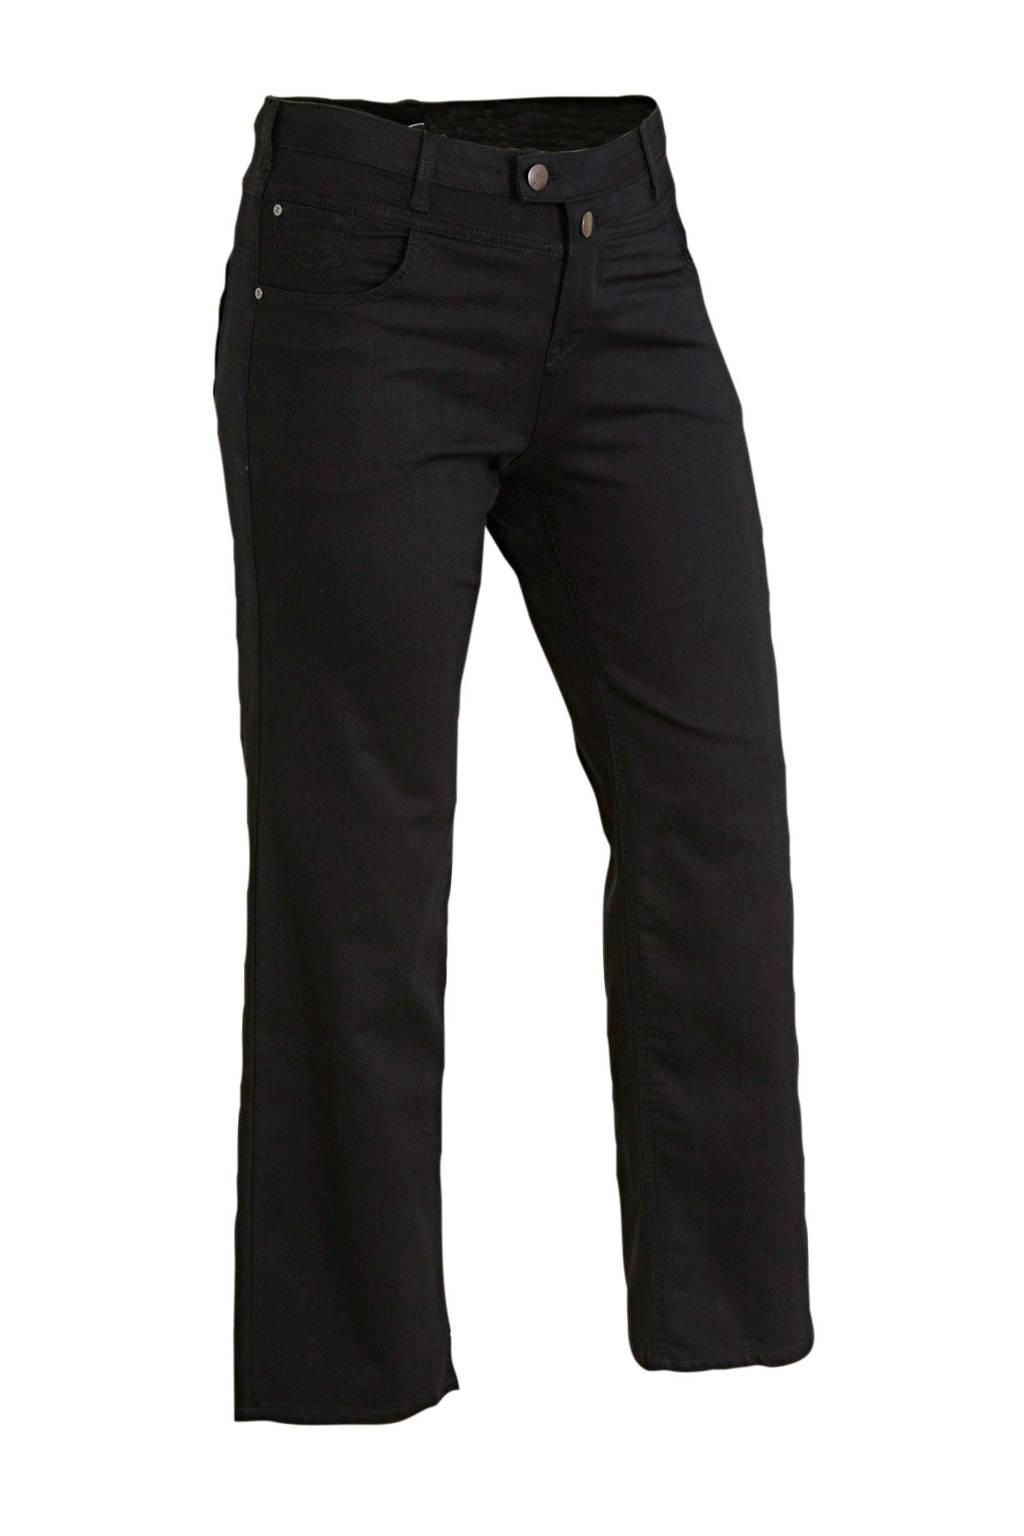 Zizzi high waist straight fit jeans zwart lengtemaat 32, Zwart